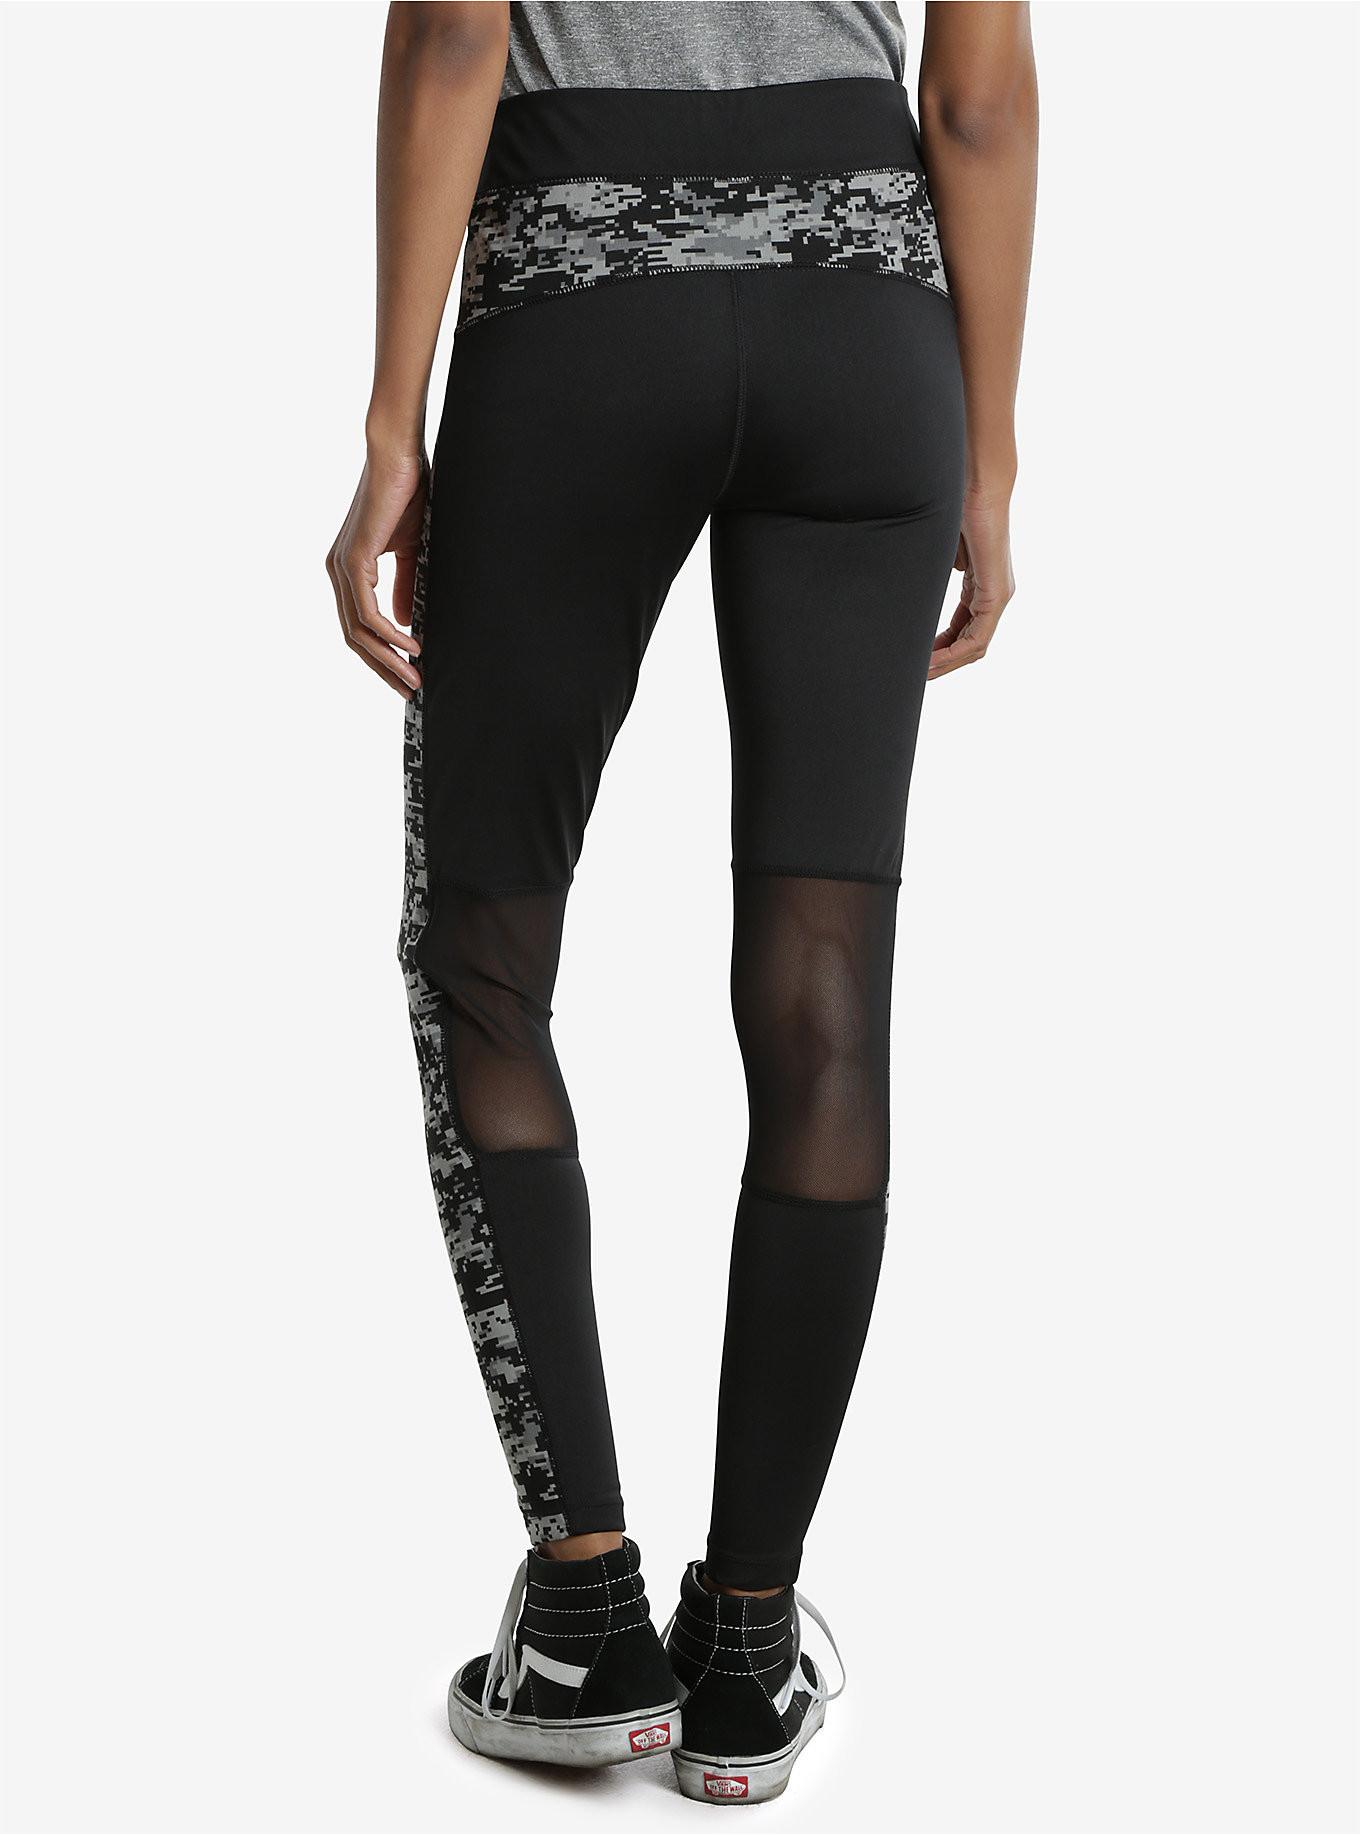 5ace028475574 Women's Star Wars workout apparel - The Kessel Runway